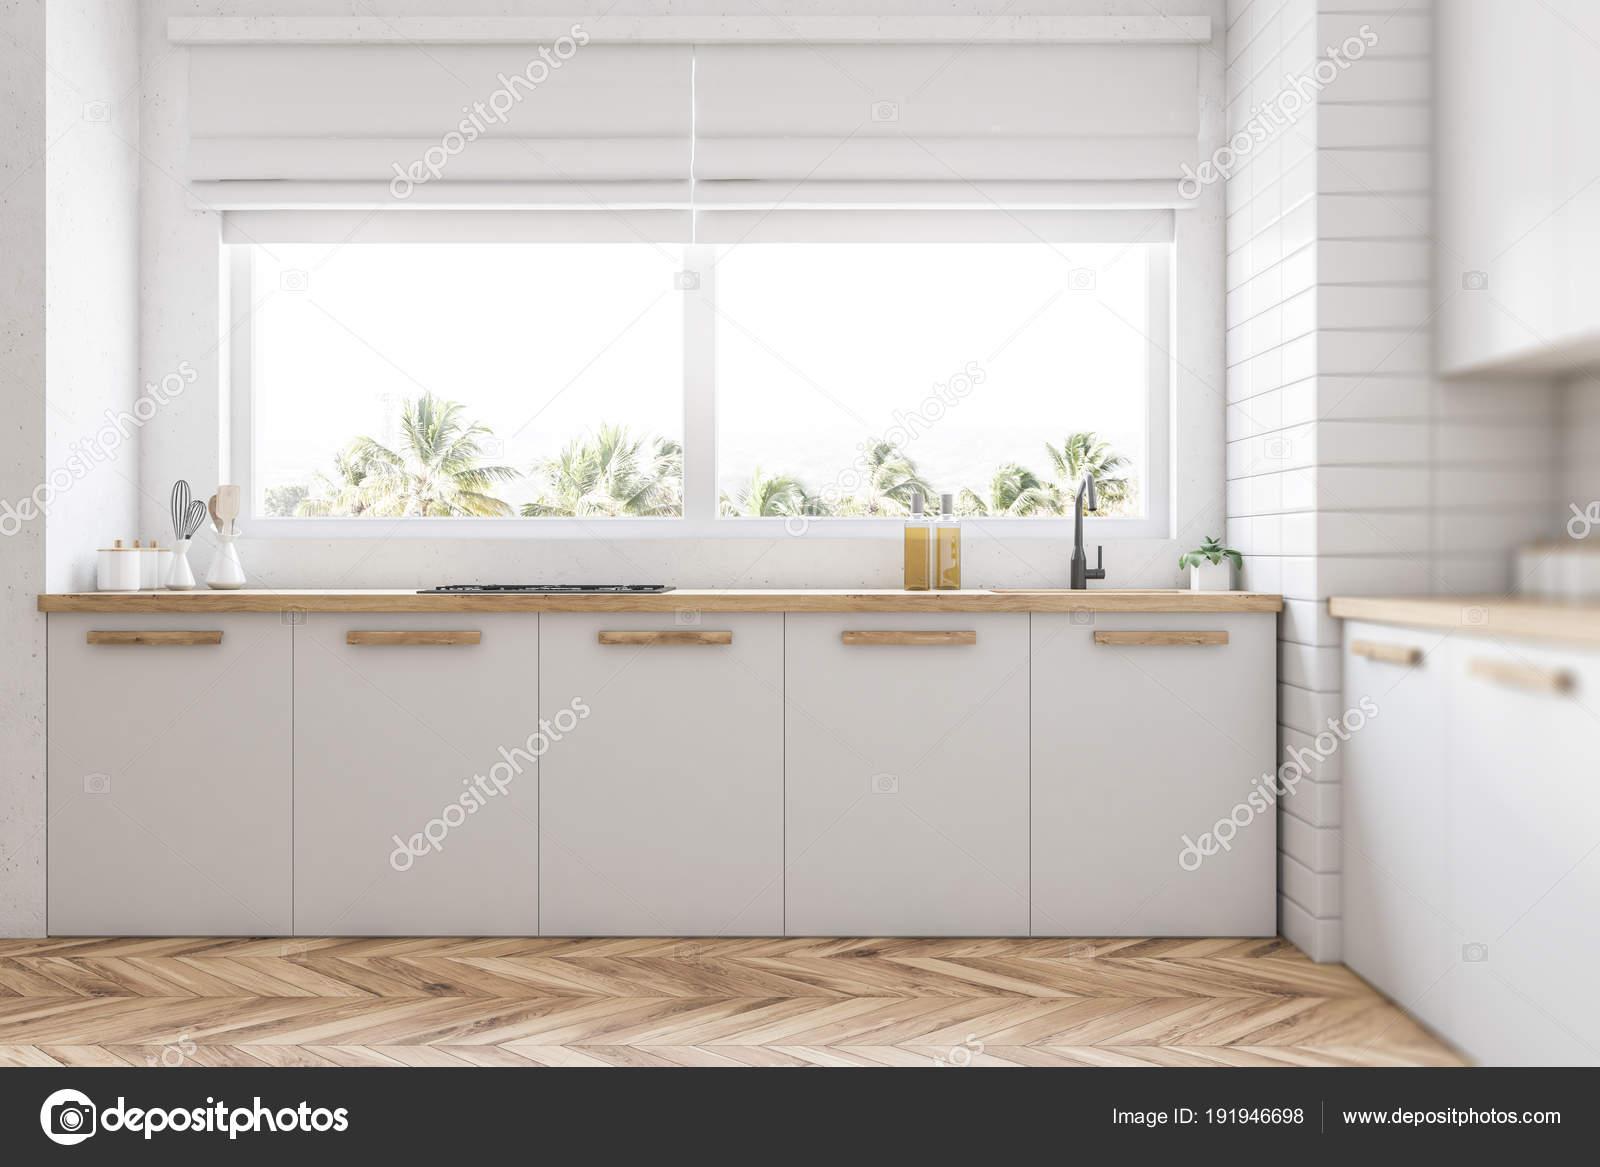 Piani cucina bianco sotto la finestra — Foto Stock © denisismagilov ...